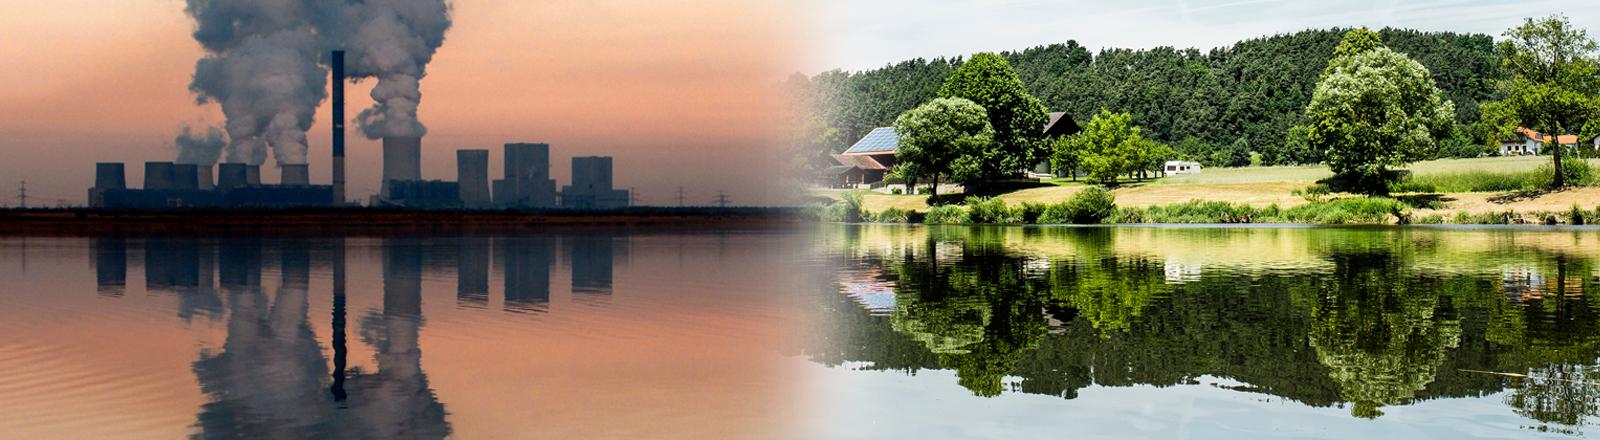 Ein Fabrikgelände mit rauchenden Schloten spiegelt sich bei Sonnenuntergang in einem Fluss, daneben eine grüne Landschaft, die sich ebenfalls im Wasser spiegelt